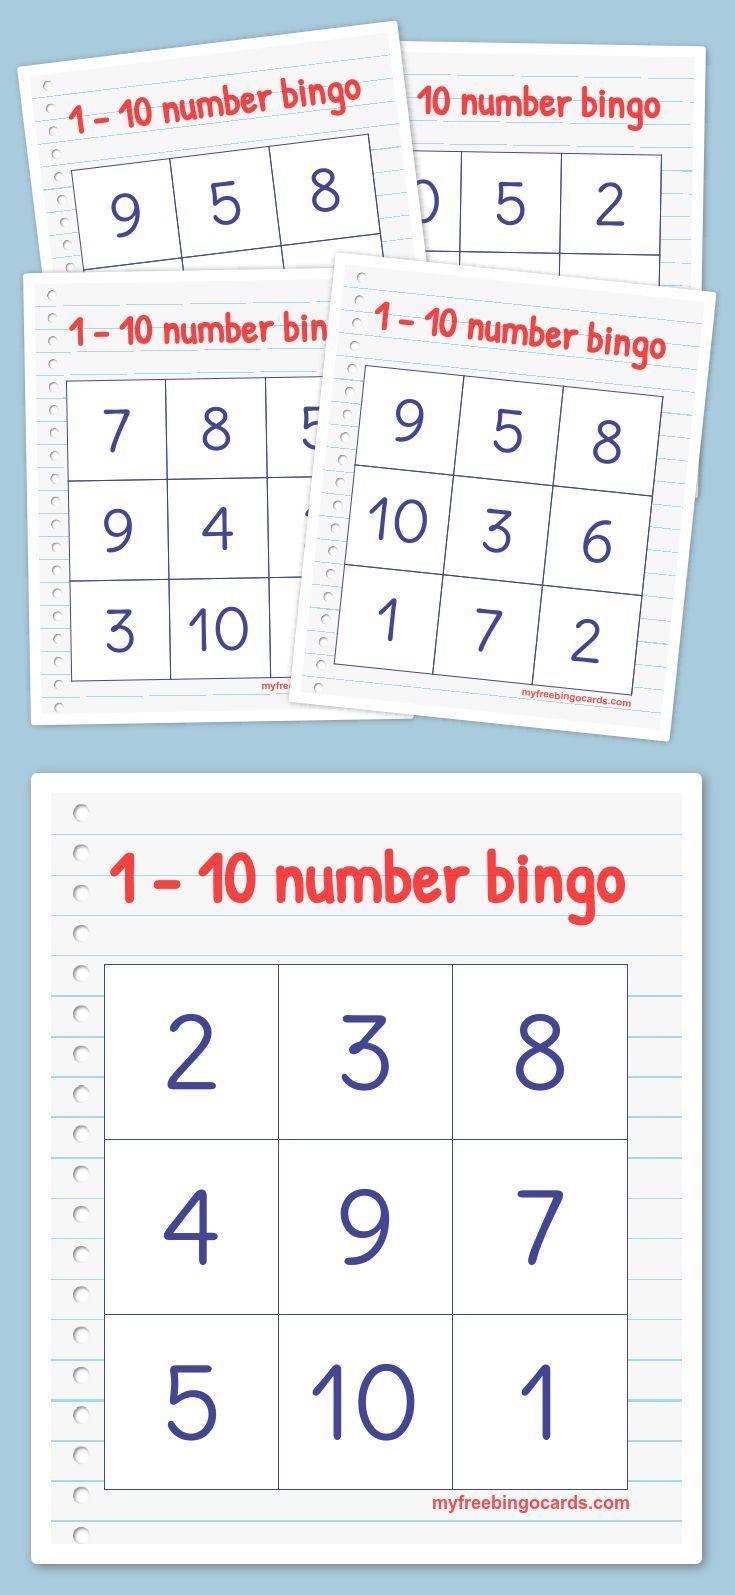 Free Printable Bingo Cards - Wiskunde Spelletjes, Bingo